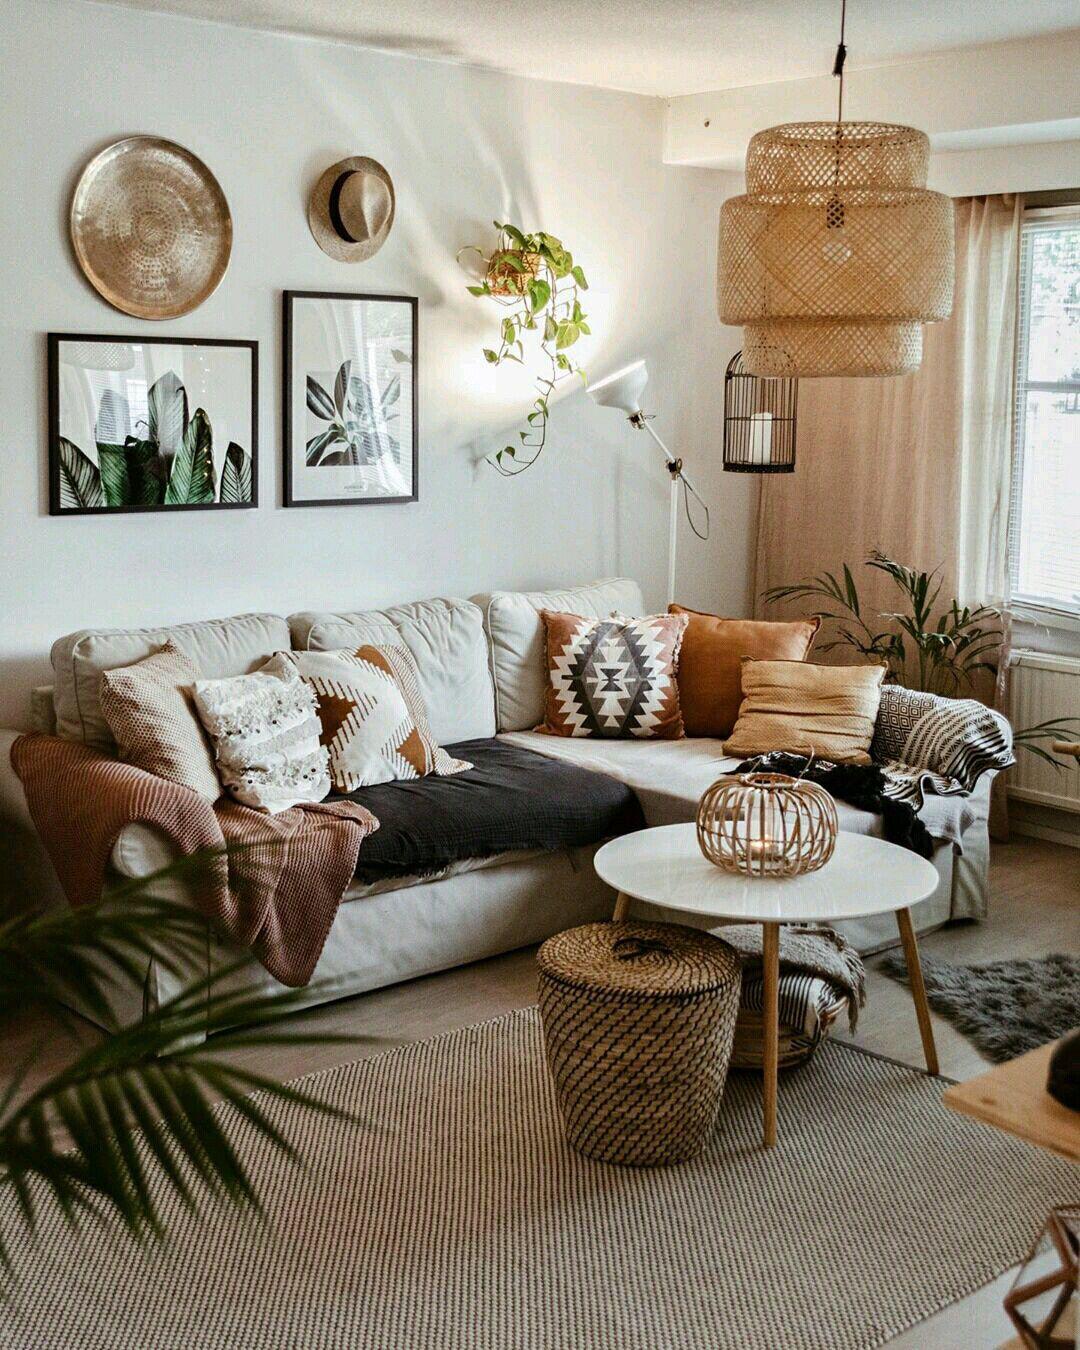 Pin von Nina Willer auf Wohnzimmer in 2020 | Haus dekoration